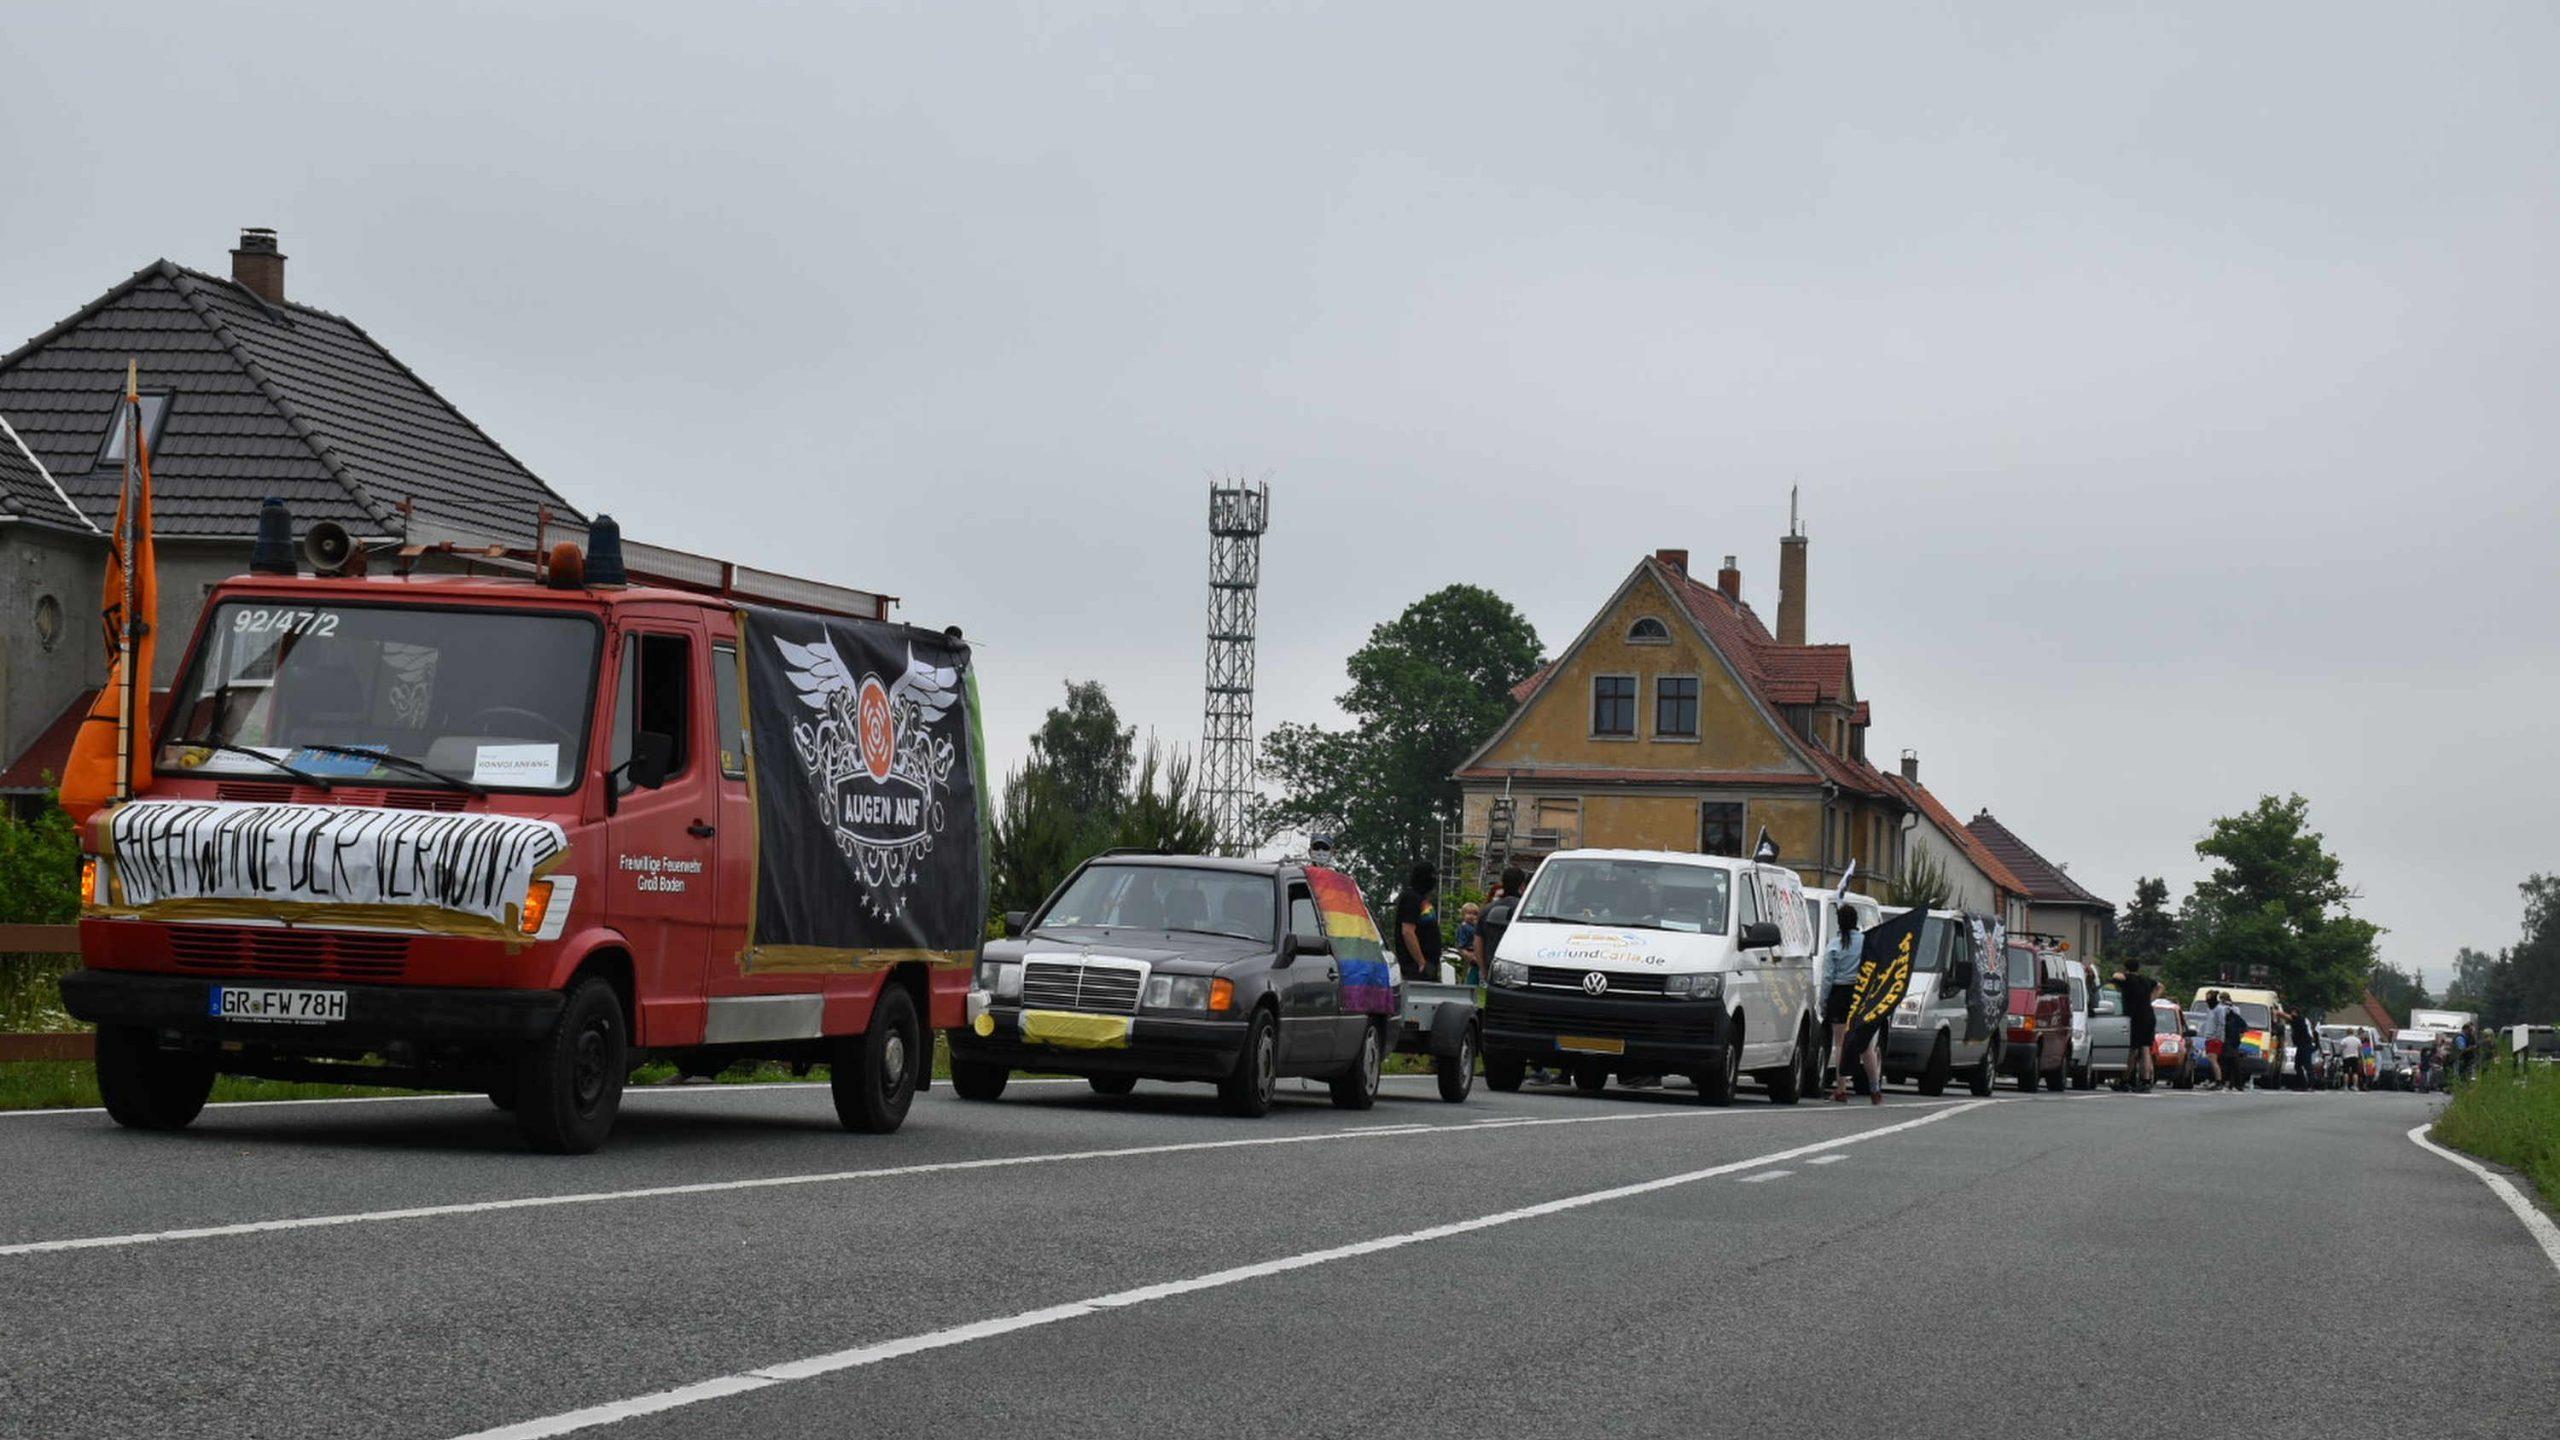 Ein bunter Autokorso mit politischen Botschaften gegen rechtsextreme Proteste fährt über die B96.